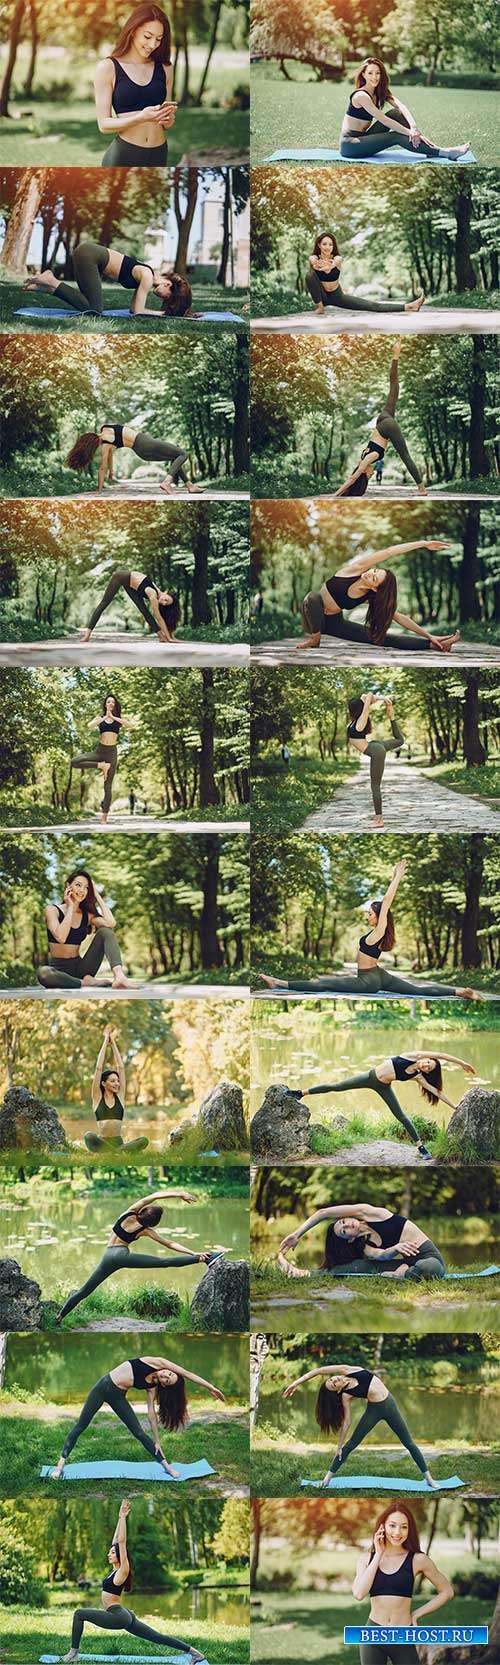 Девушка занимается йогой - Фотоклипарт